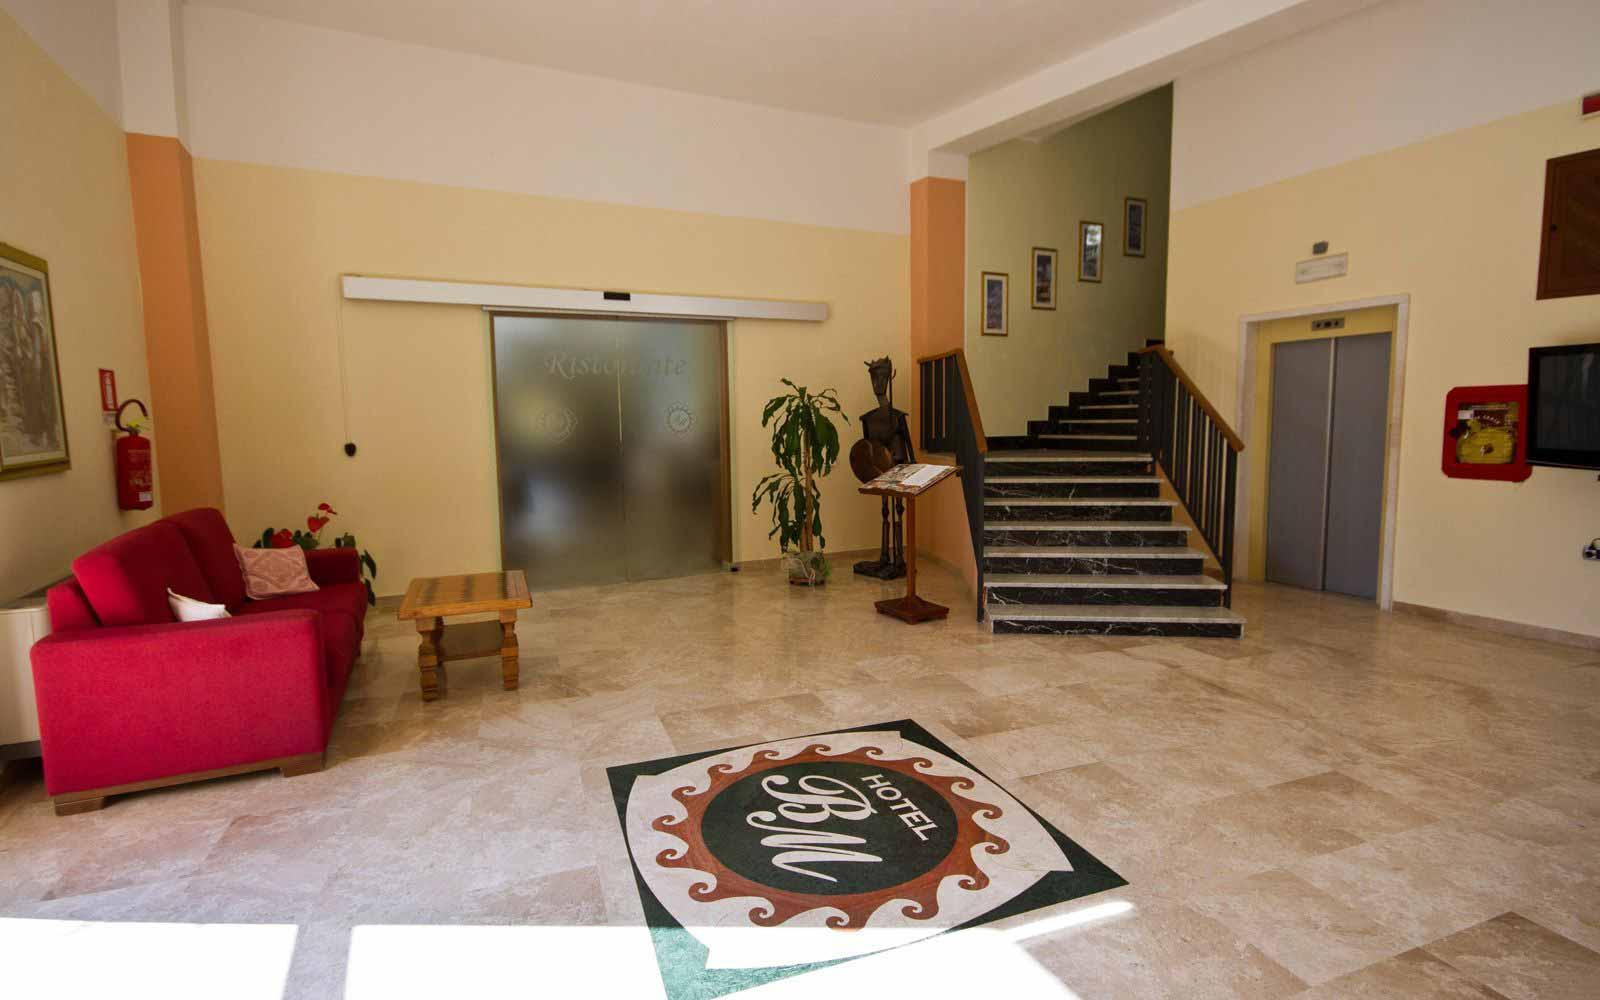 Entrance hall at Hotel Brancamaria